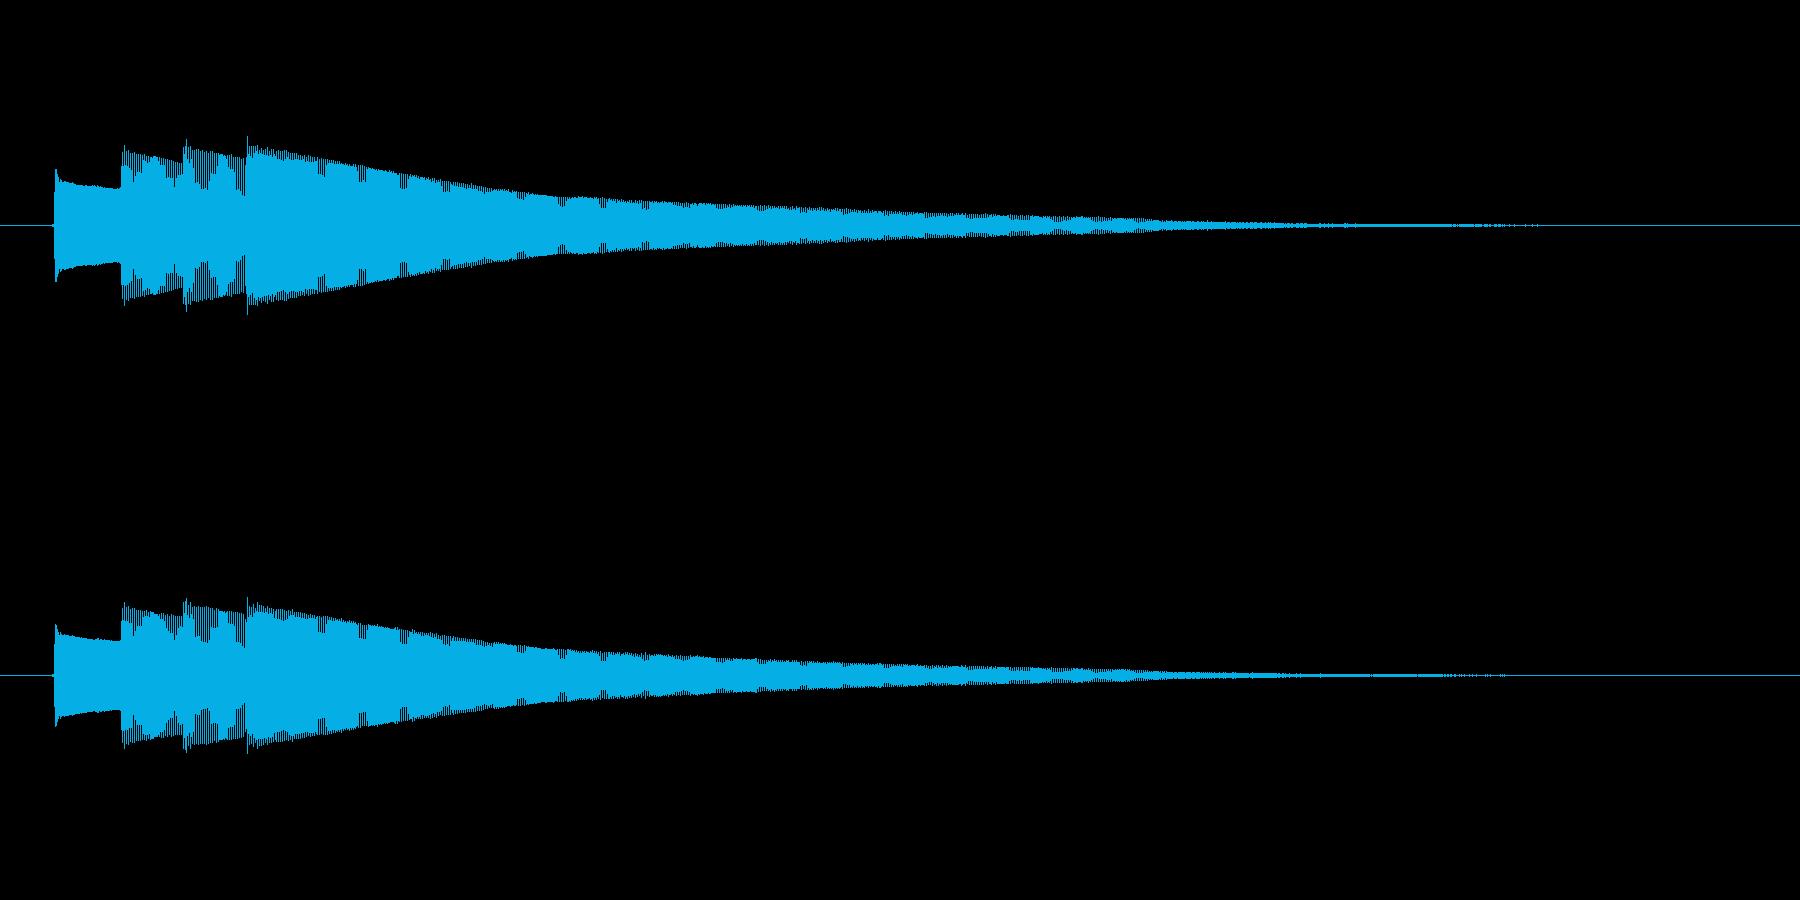 終わりピンポンパンポン (ゆっくり)の再生済みの波形